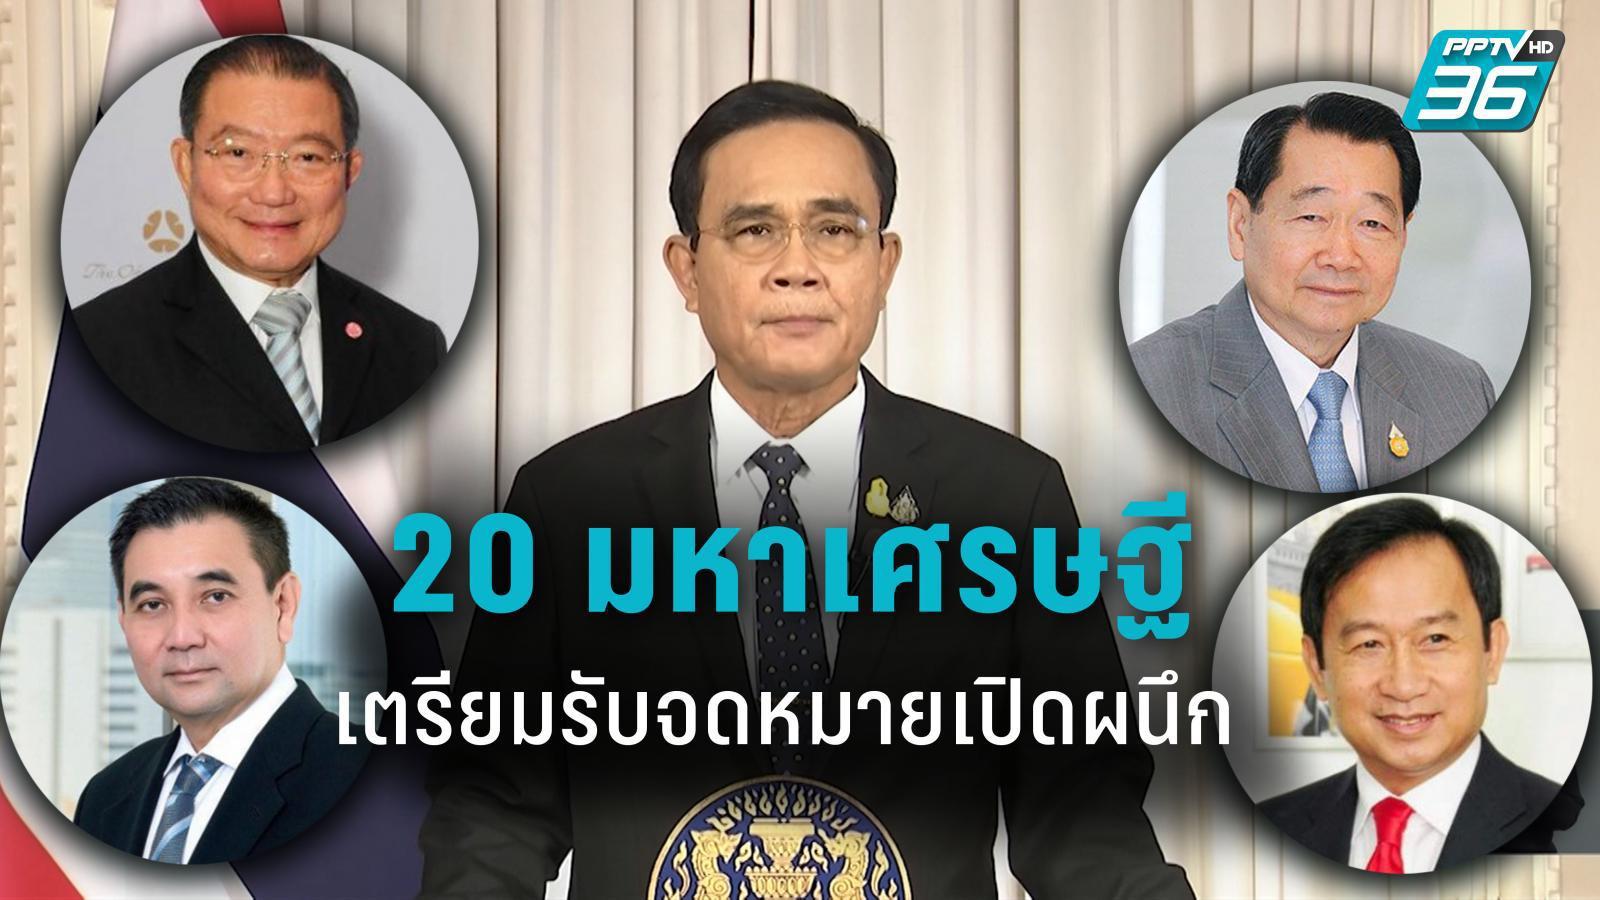 """20 มหาเศรษฐีไทย เตรียมรับจดหมายเปิดผนึก """"บิ๊กตู่"""""""